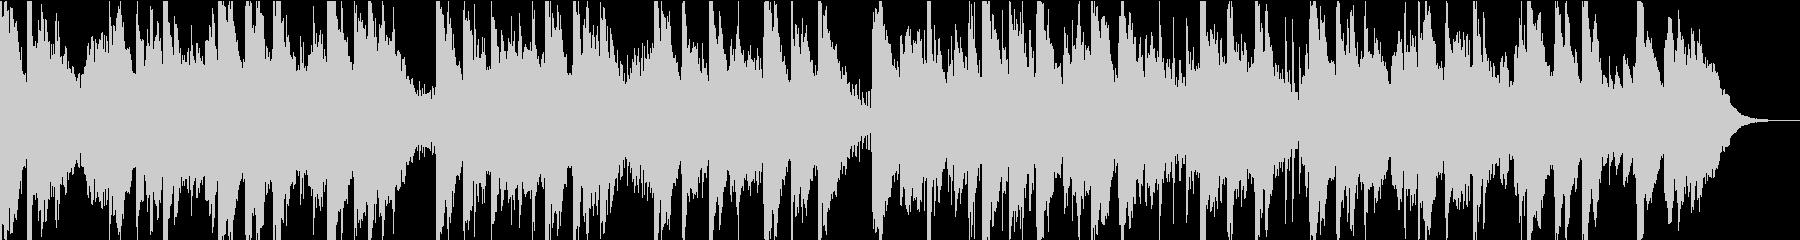 アジアンテイストなシンセによるBGMの未再生の波形